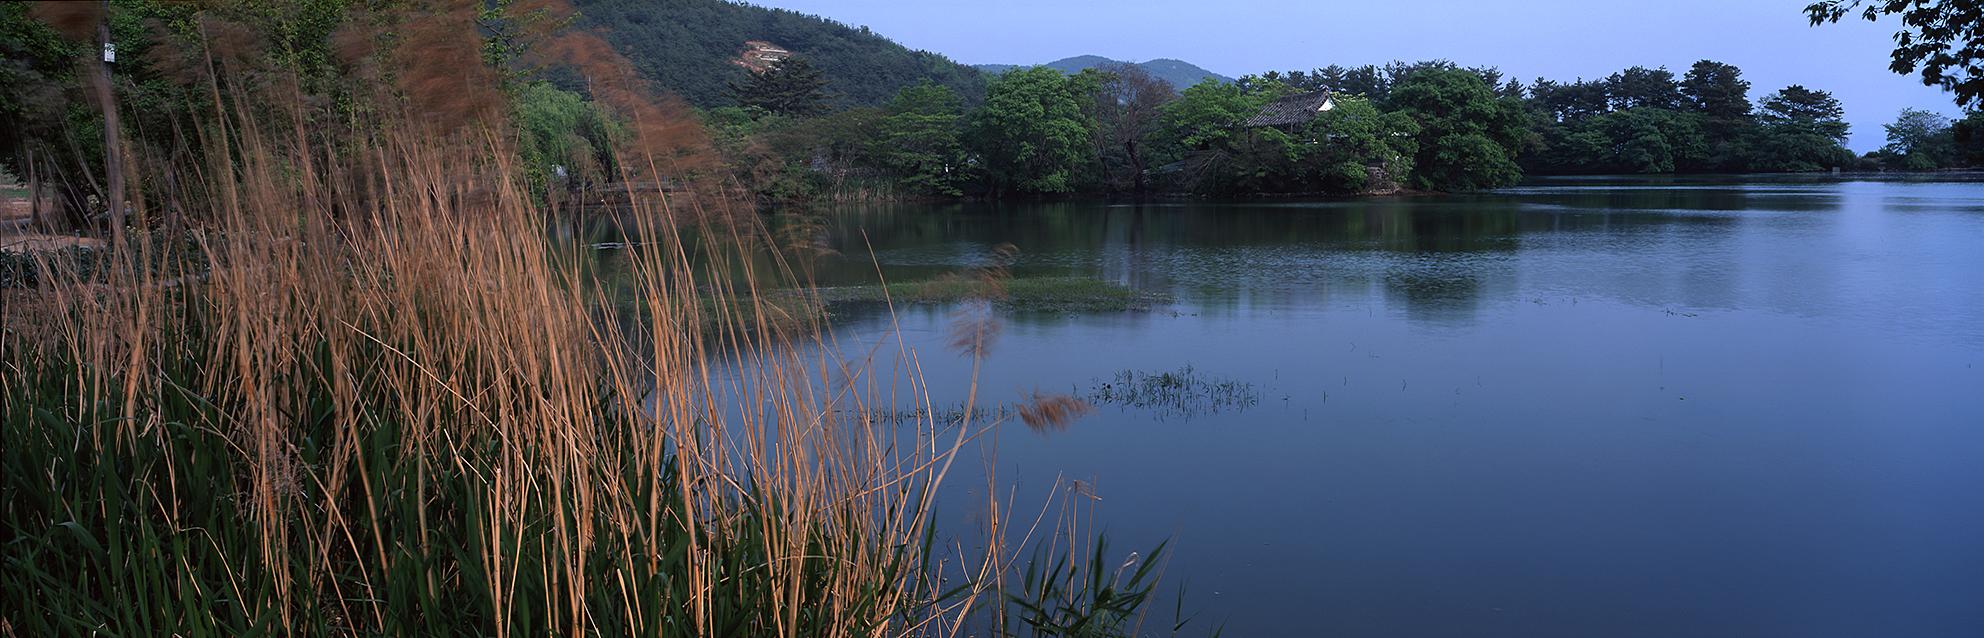 wiryangji007.jpg